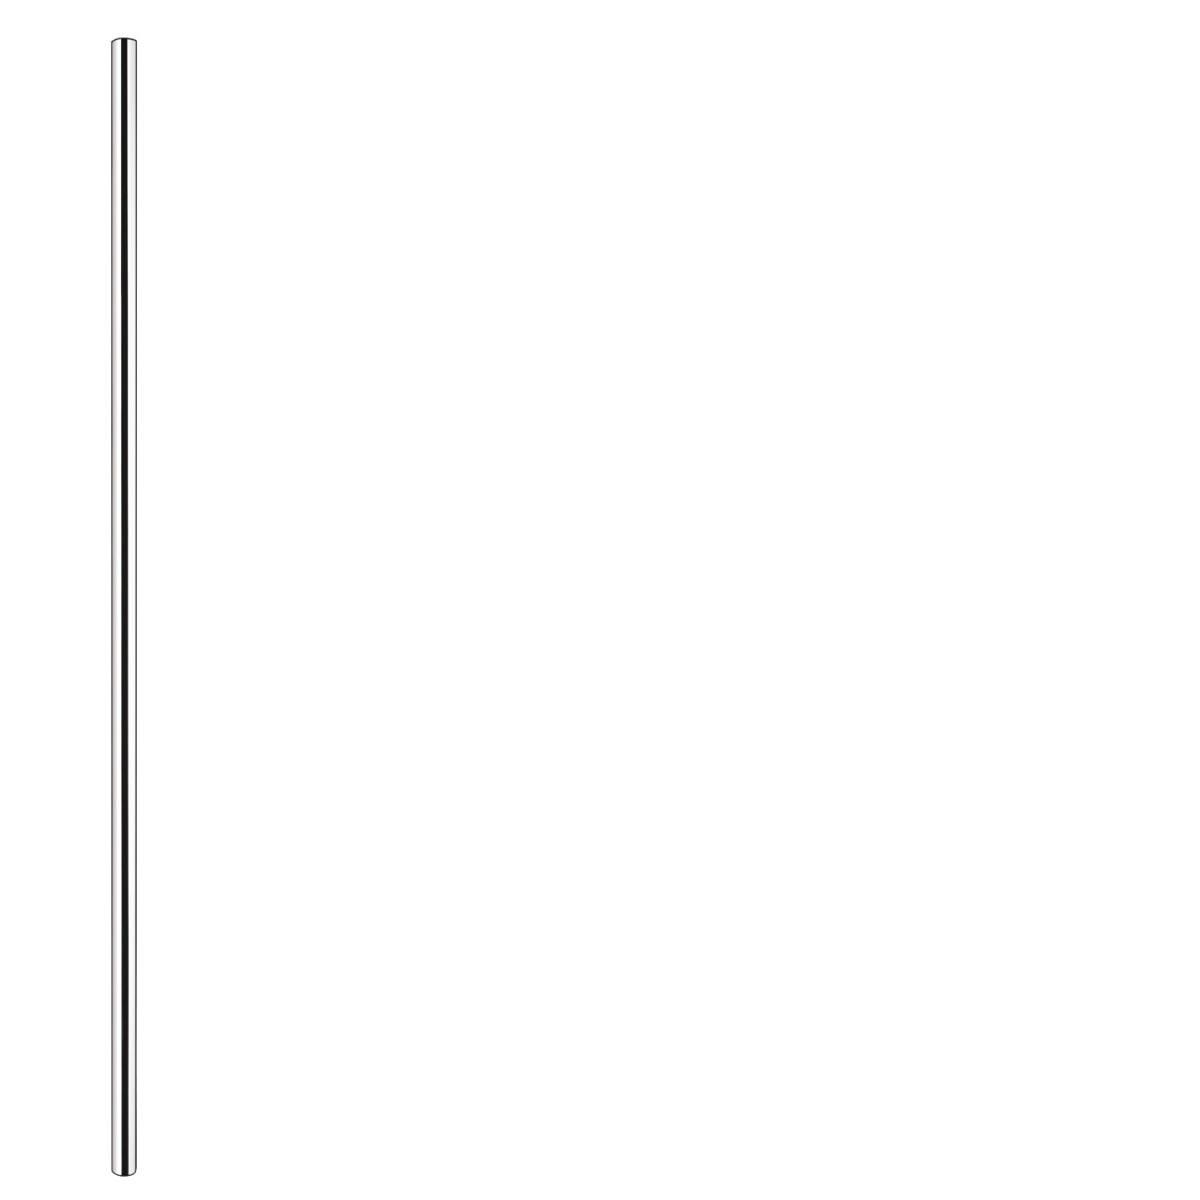 HG rising pipe AXOR Showerpipe chrome, chrome, 96770000